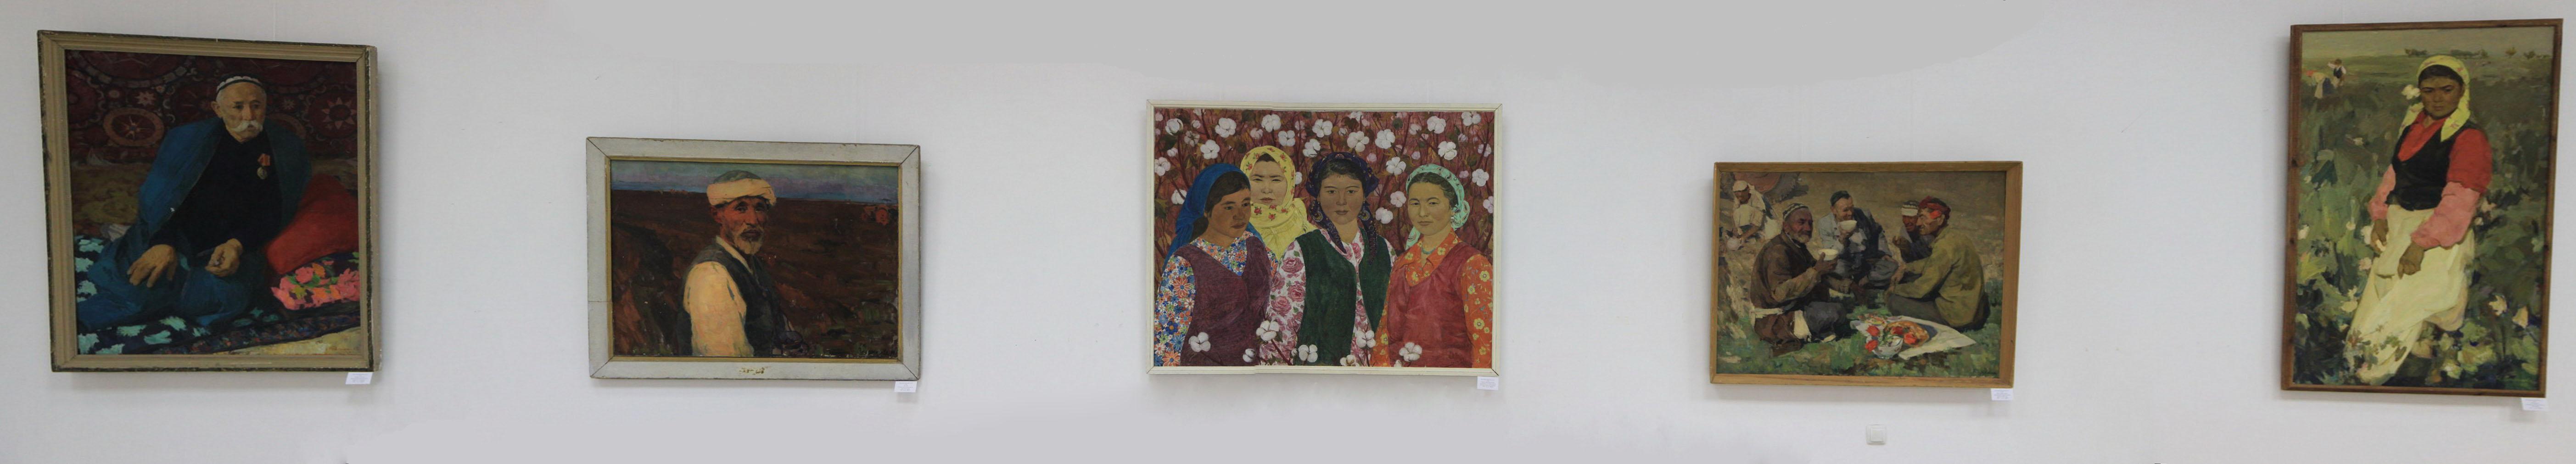 Нина Ковина (Скорикова). Экспозиция картин.